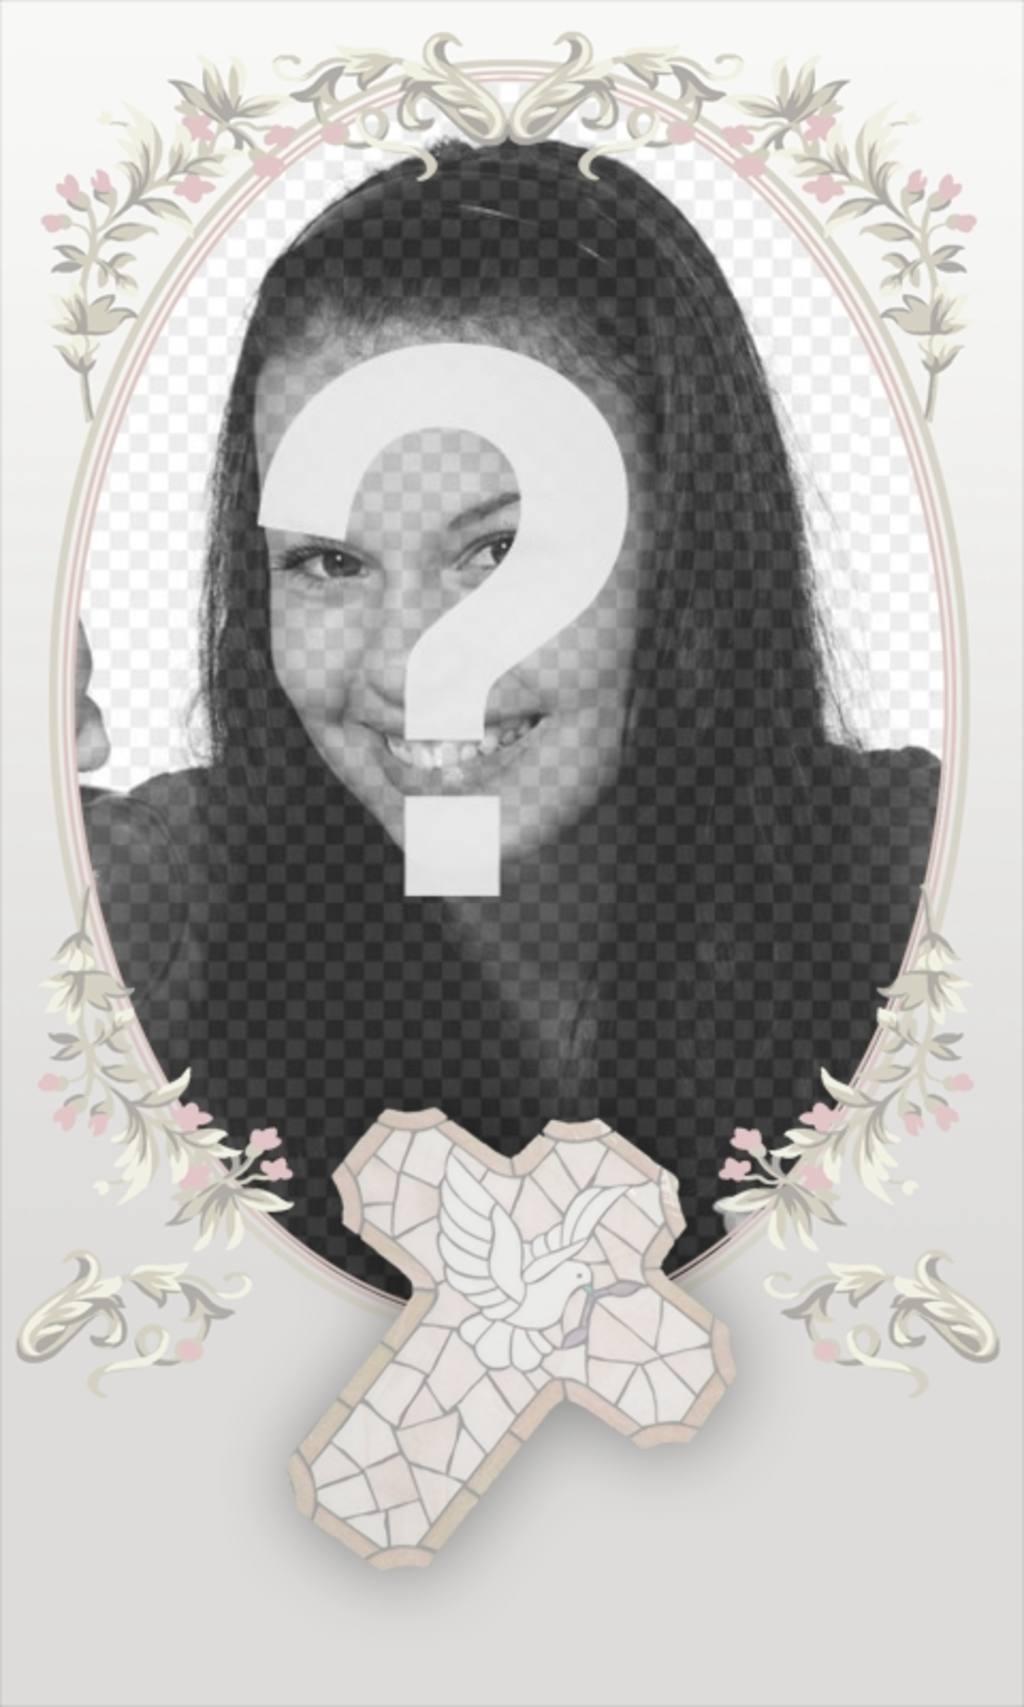 Lembrança da Primeira Comunhão cartão com foto e texto. Ele consiste em um oval floral, as cores cruzadas e macia onde colocar uma imagem e as palavras de sua escolha